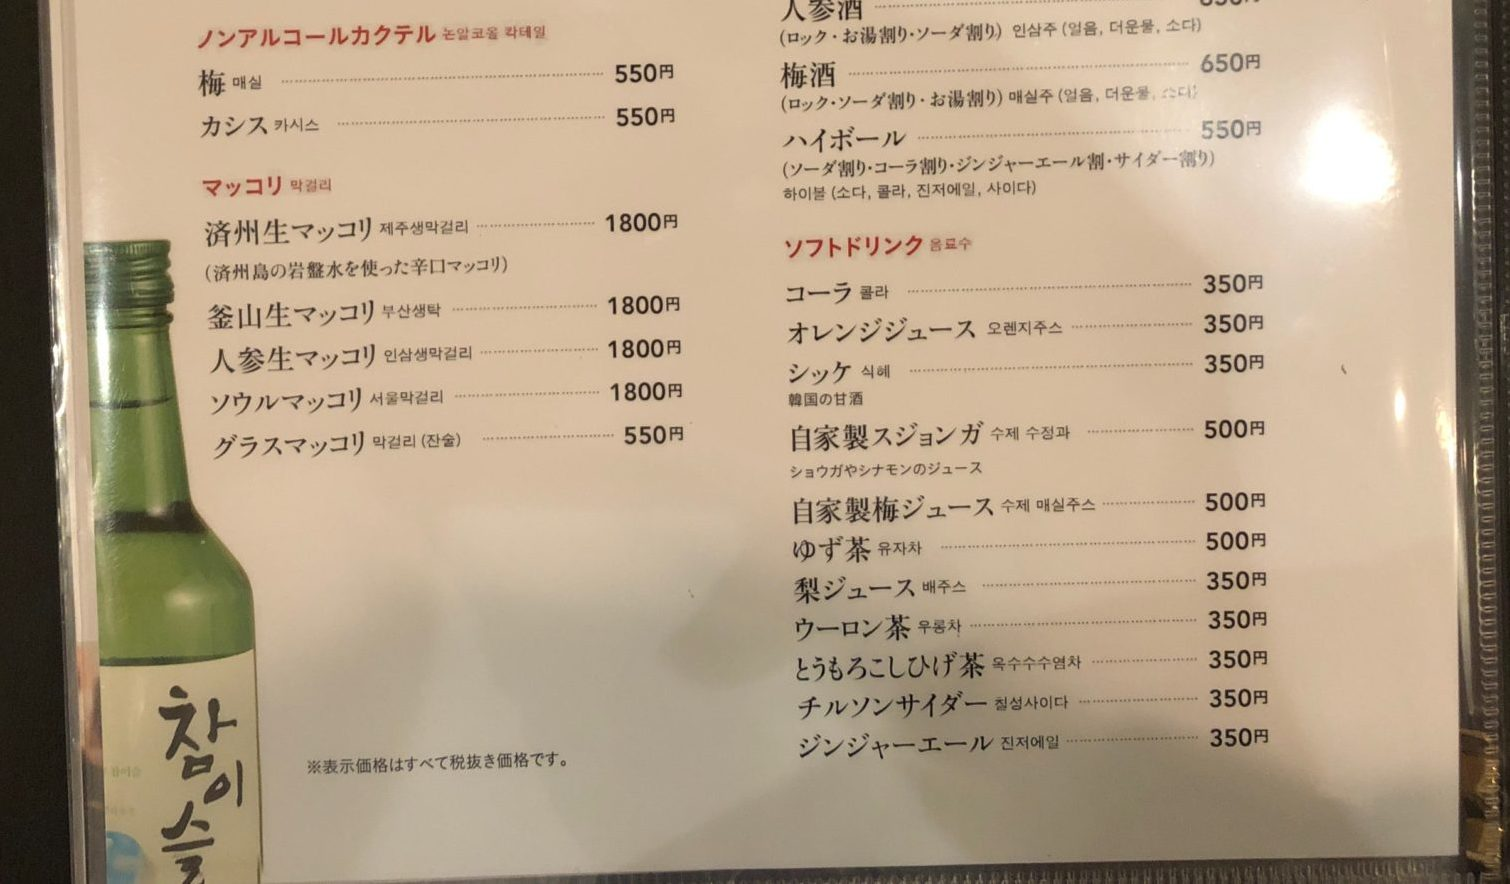 新大久保の韓国料理屋 美名家(ミナヤ)のドリンクメニュー